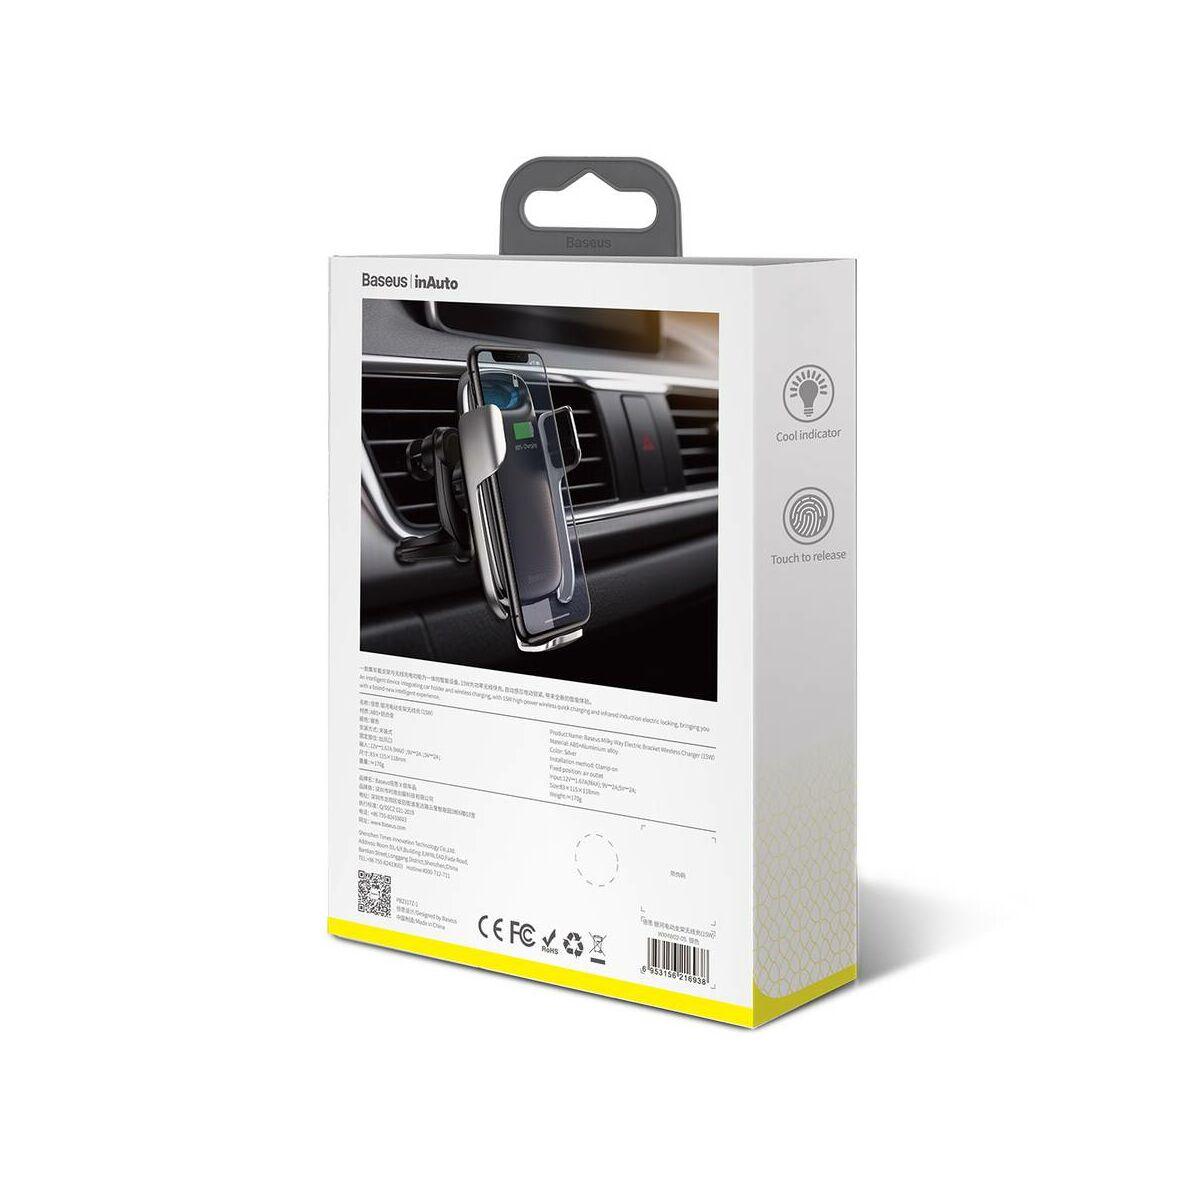 Baseus autós telefontartó, Milky Way Aurora elektromos automata szenzoros nyitás, vezeték nélküli töltés, 15W, ezüst (WXHW02-0S)